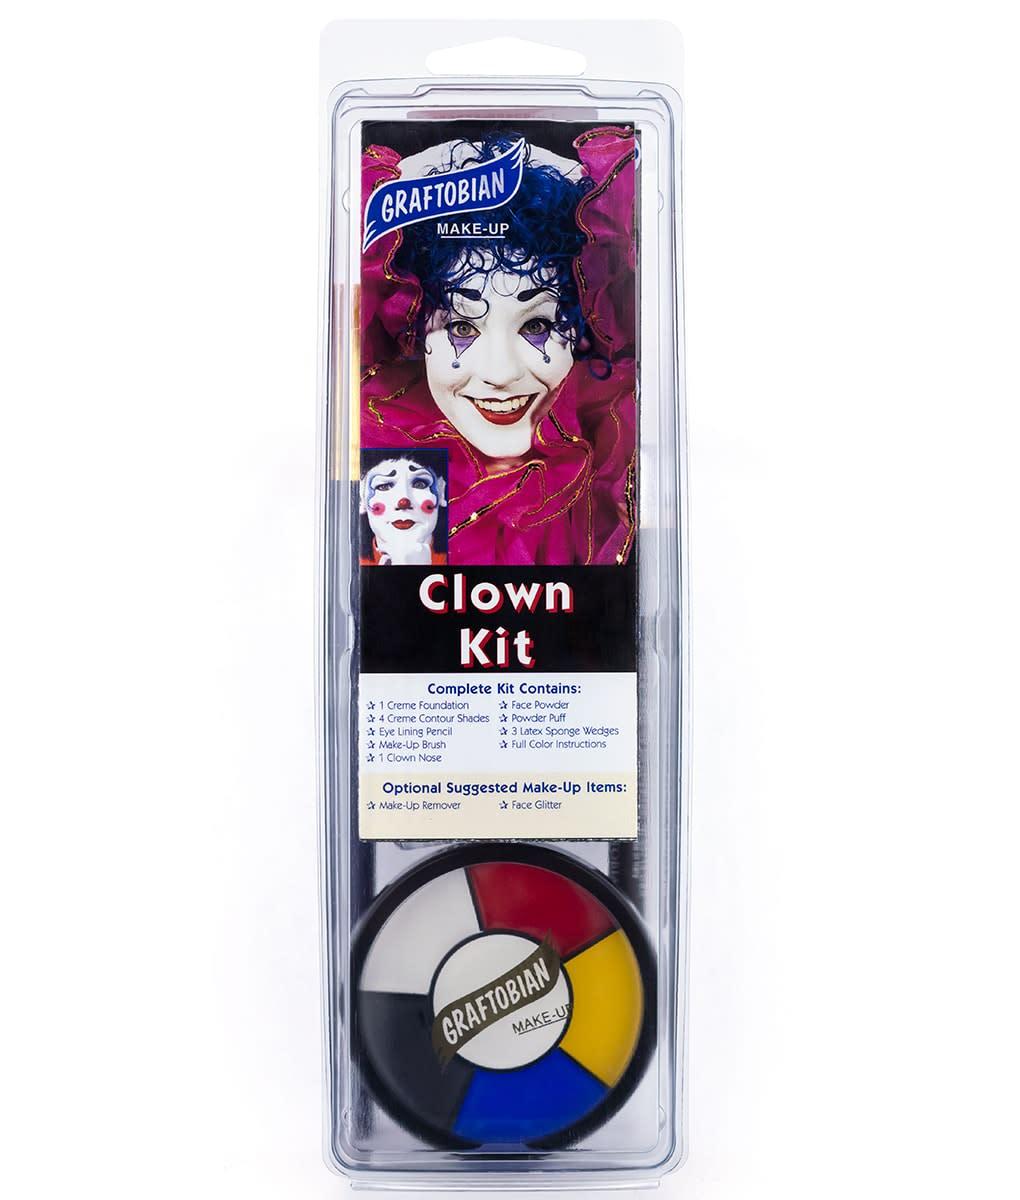 Clown Makeup Kit Graftobian Make Up